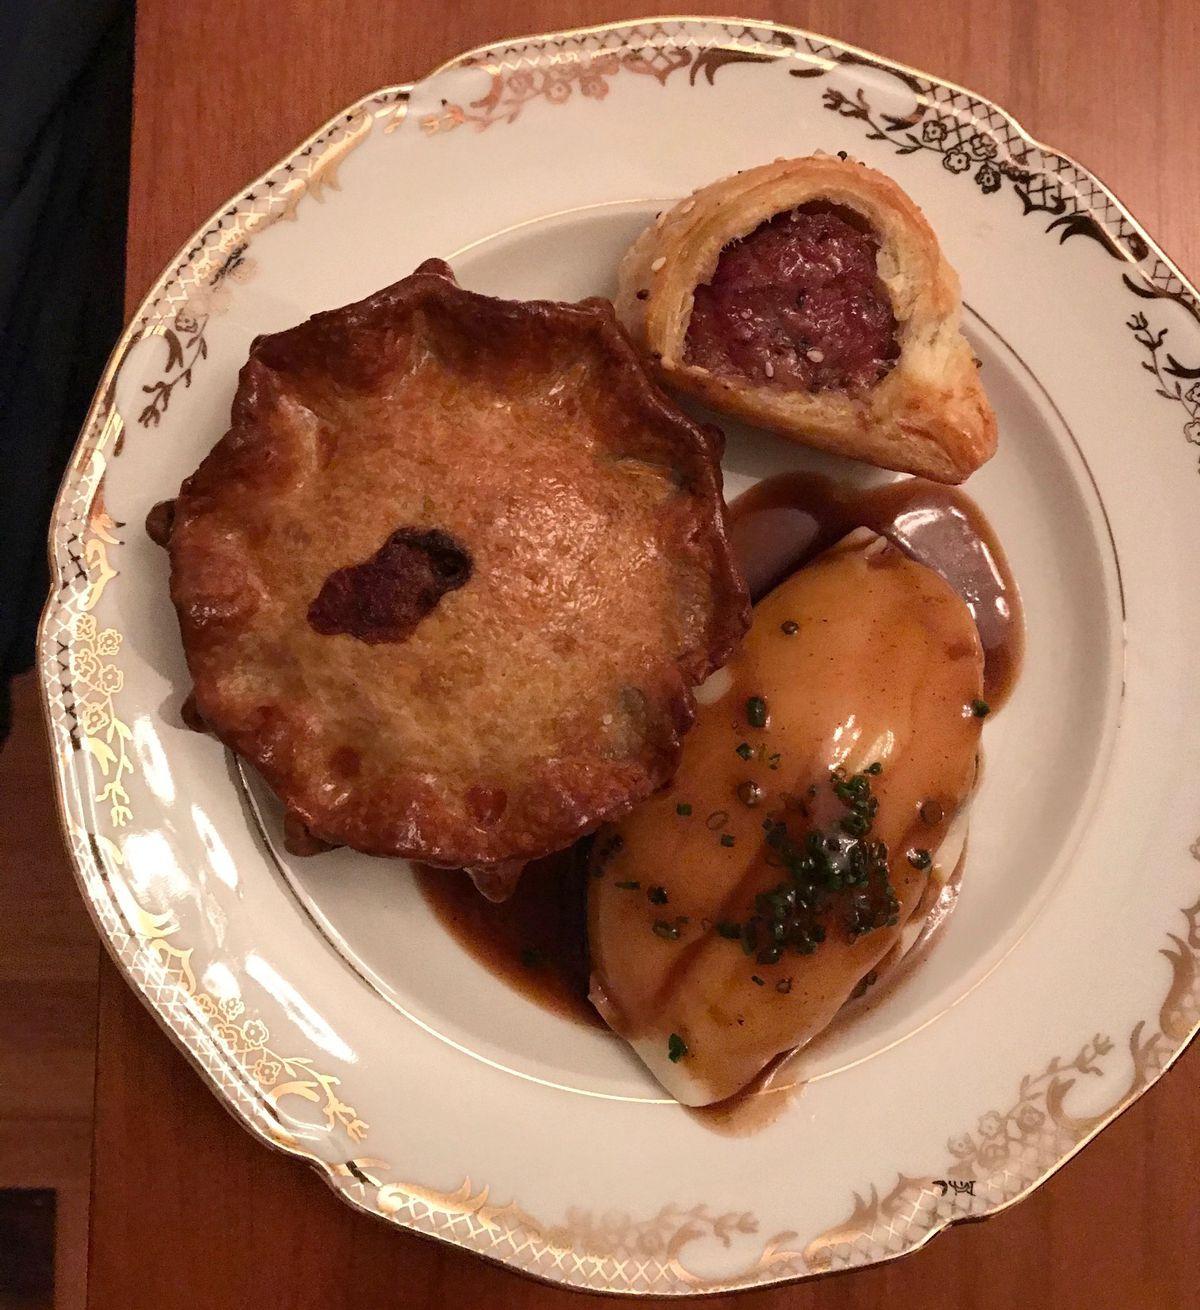 Pie at Casements